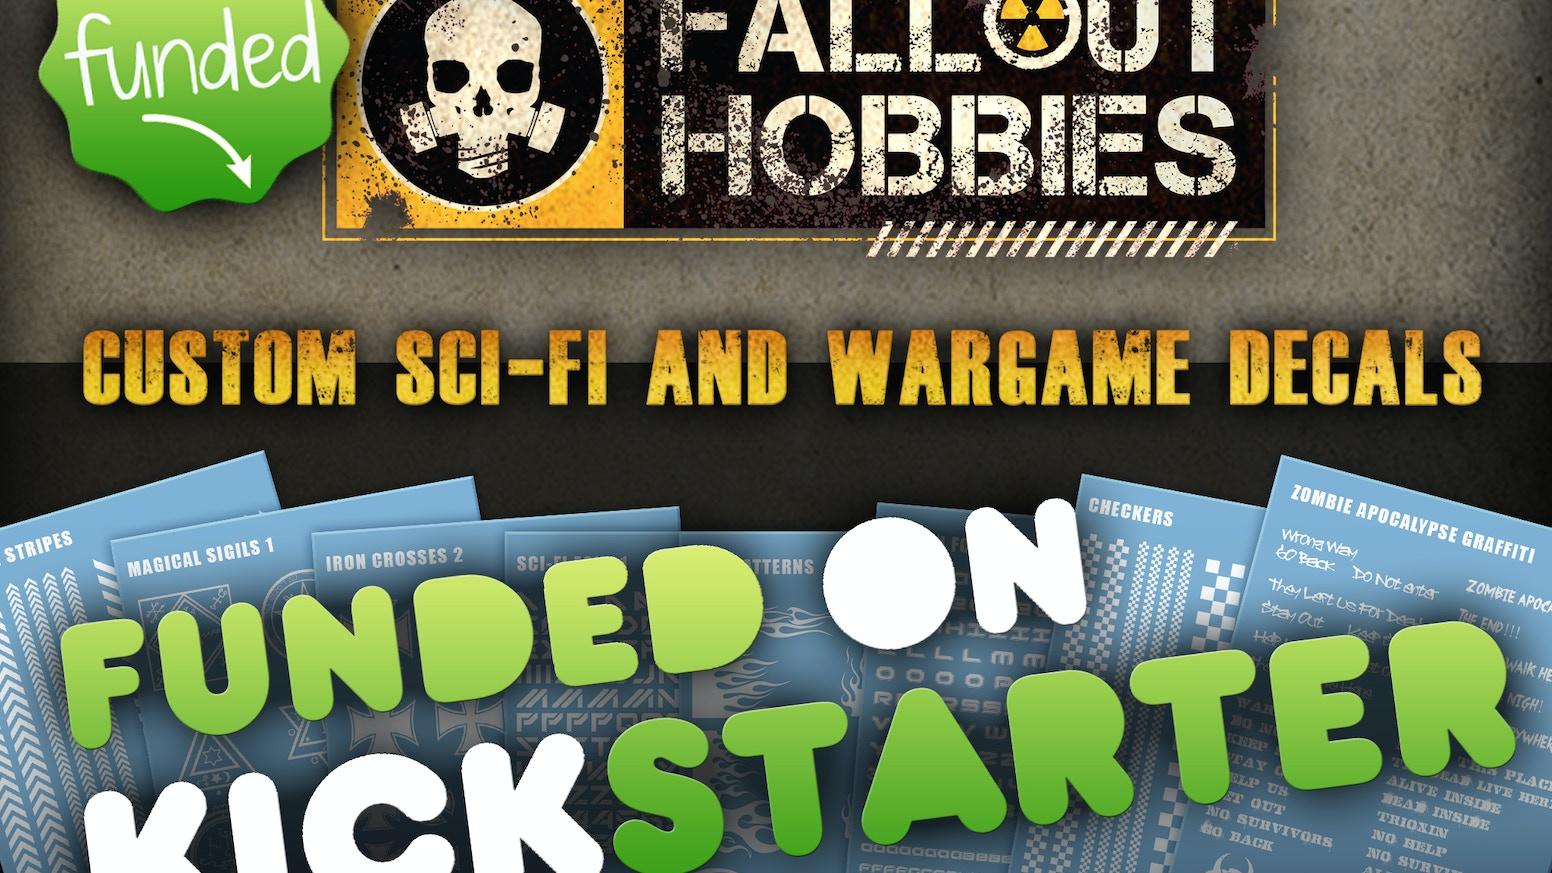 74180a5b9 Fallout Hobbies Custom Decal Shop by Ronnie Gamble — Kickstarter